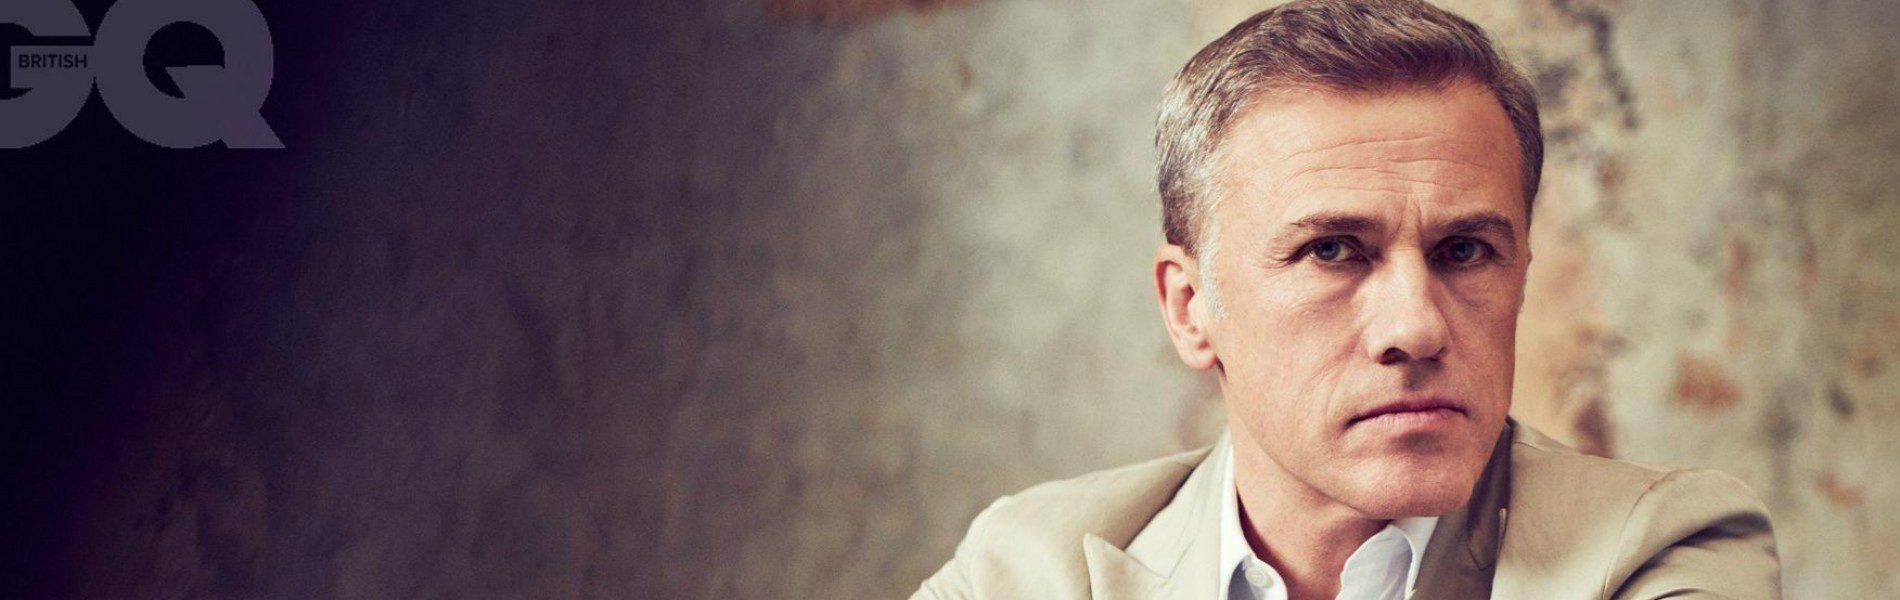 10 érdekesség Christoph Waltz, kétszeres Oscar-díjas színészről